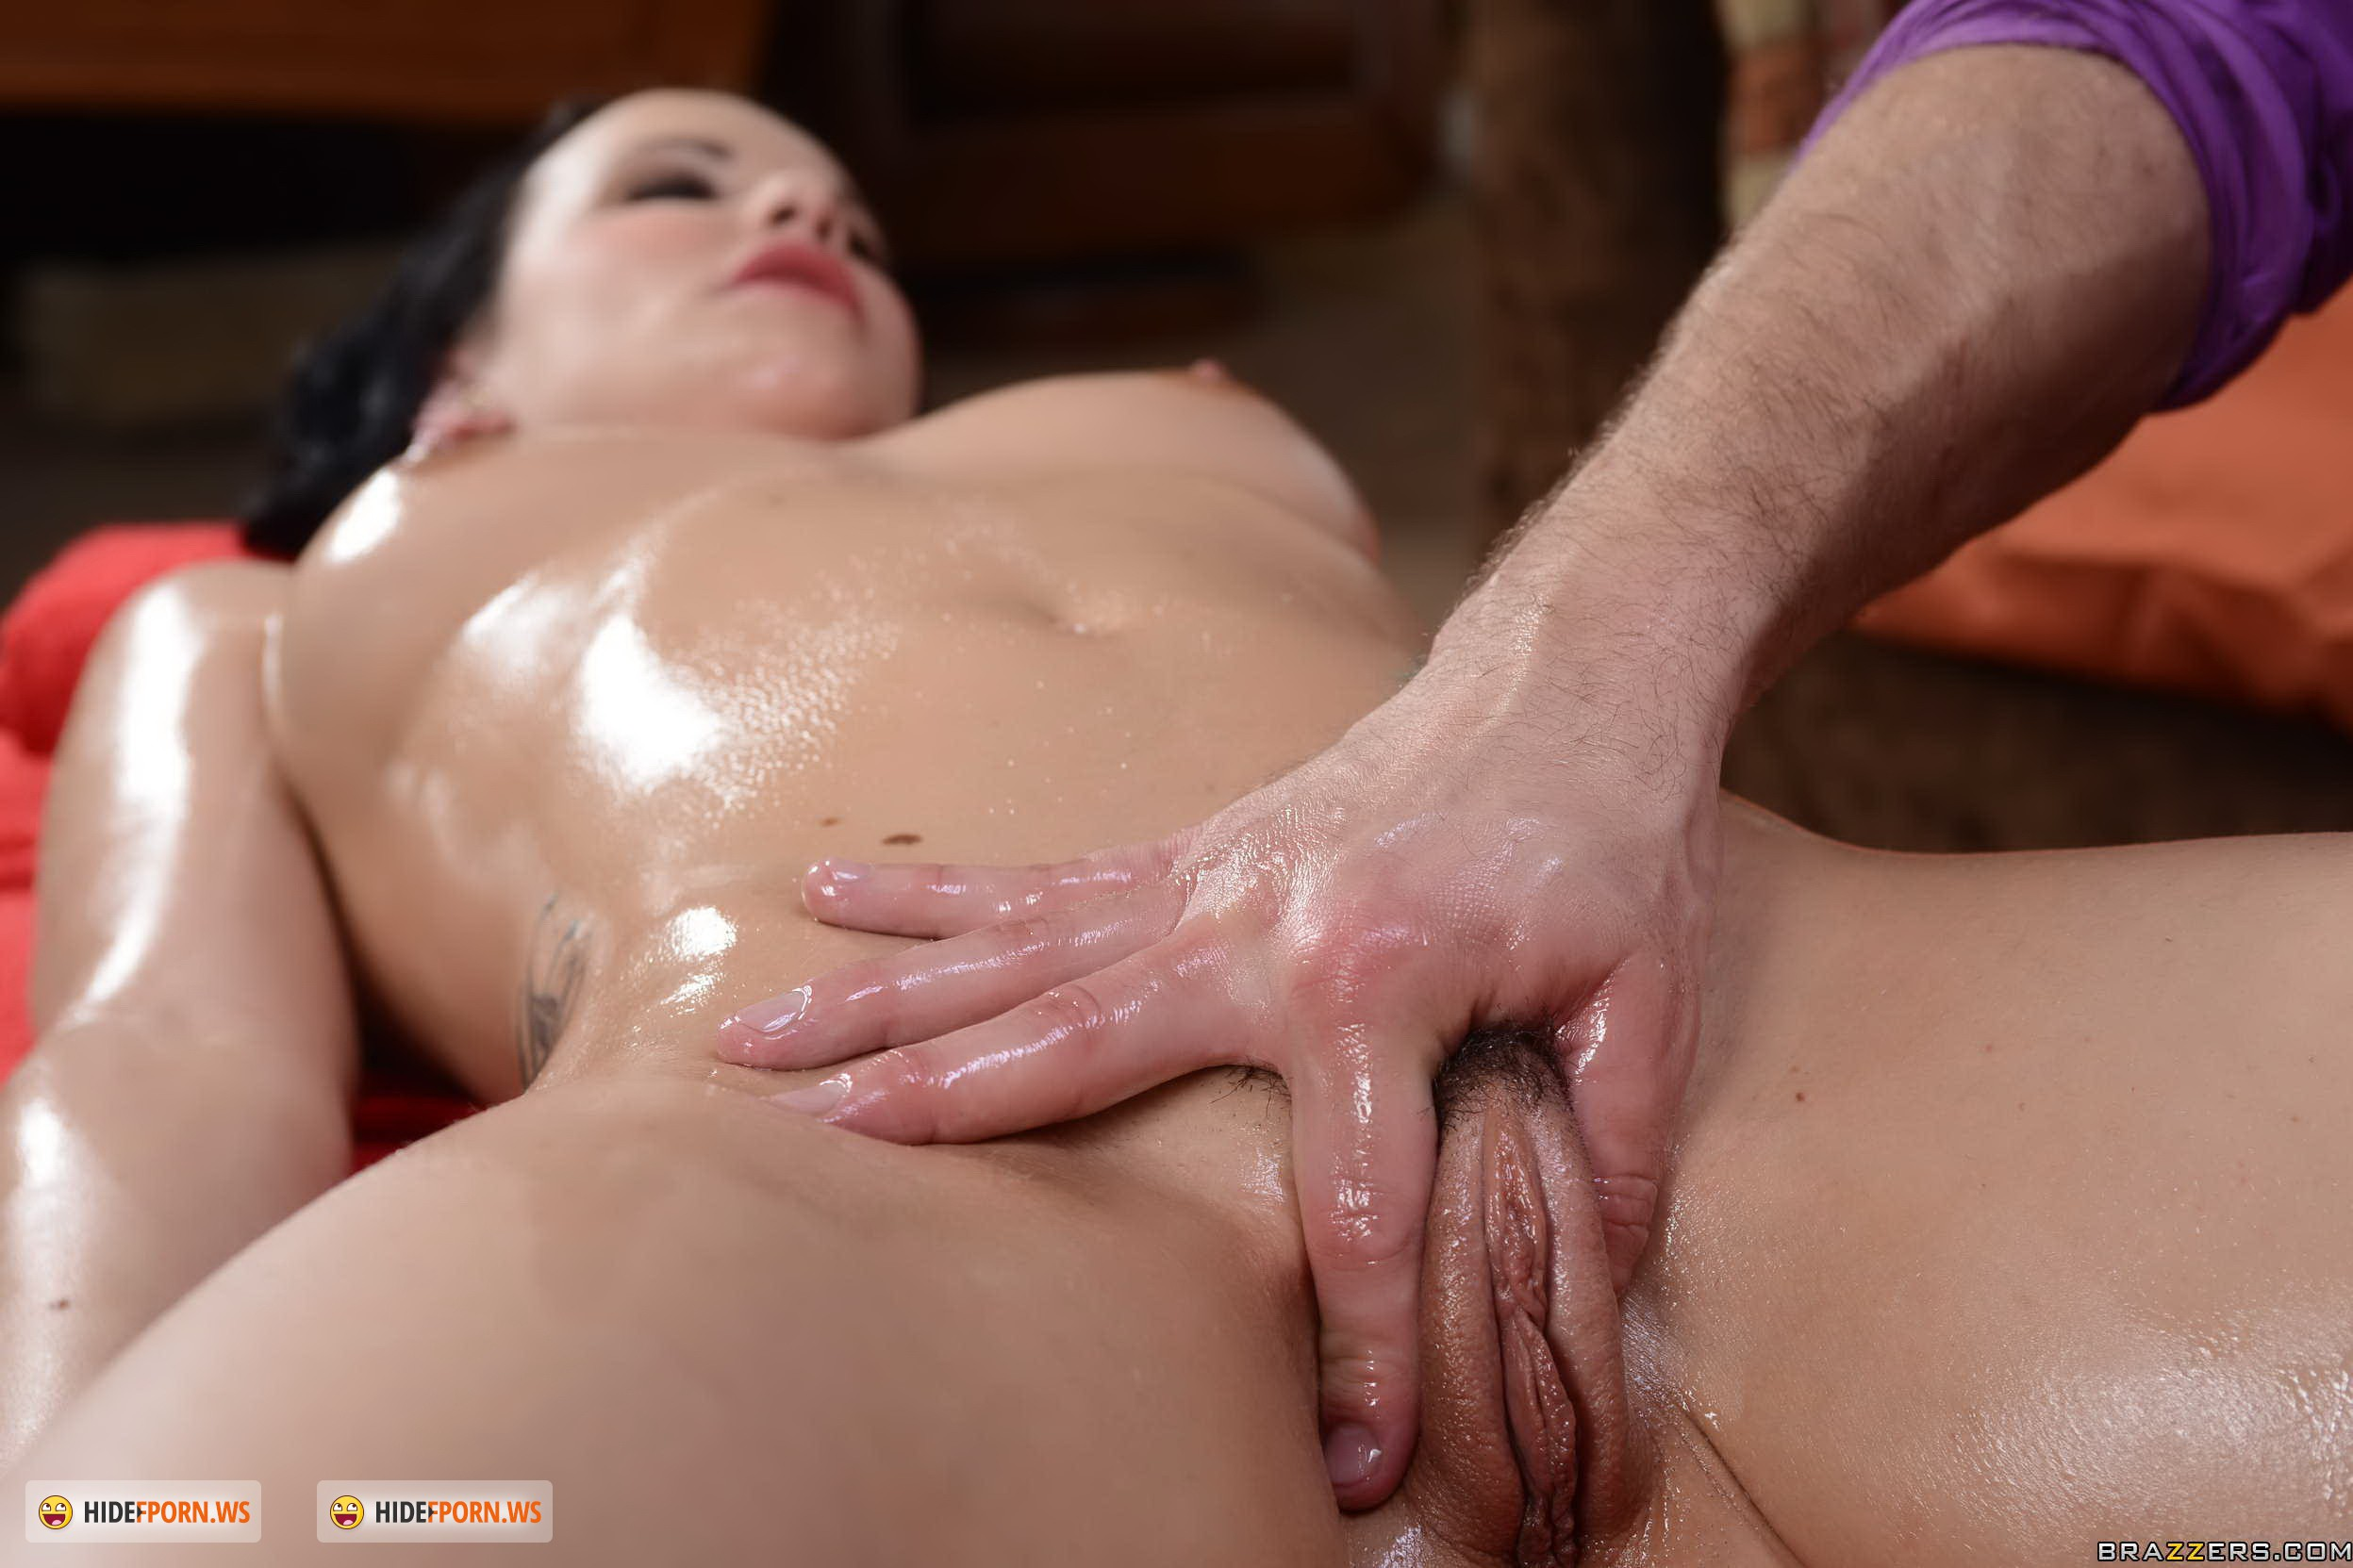 Смотреть бесплатно онлайн нежный массаж переходящий в секс 23 фотография